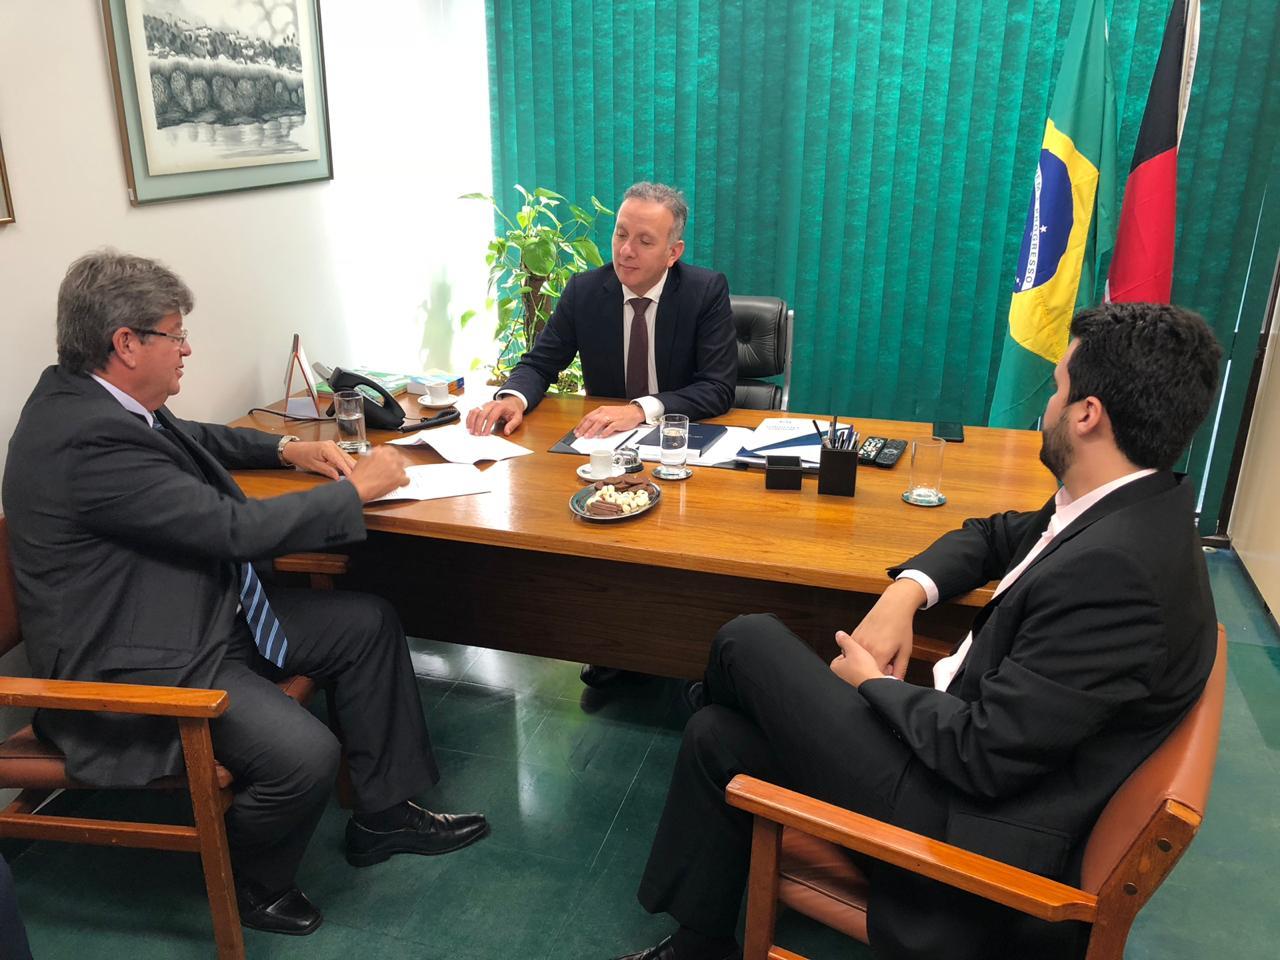 WhatsApp Image 2018 10 30 at 4.19.32 PM - TRABALHO PELA PARAÍBA: Aguinaldo Ribeiro recepciona João Azevêdo em Brasília